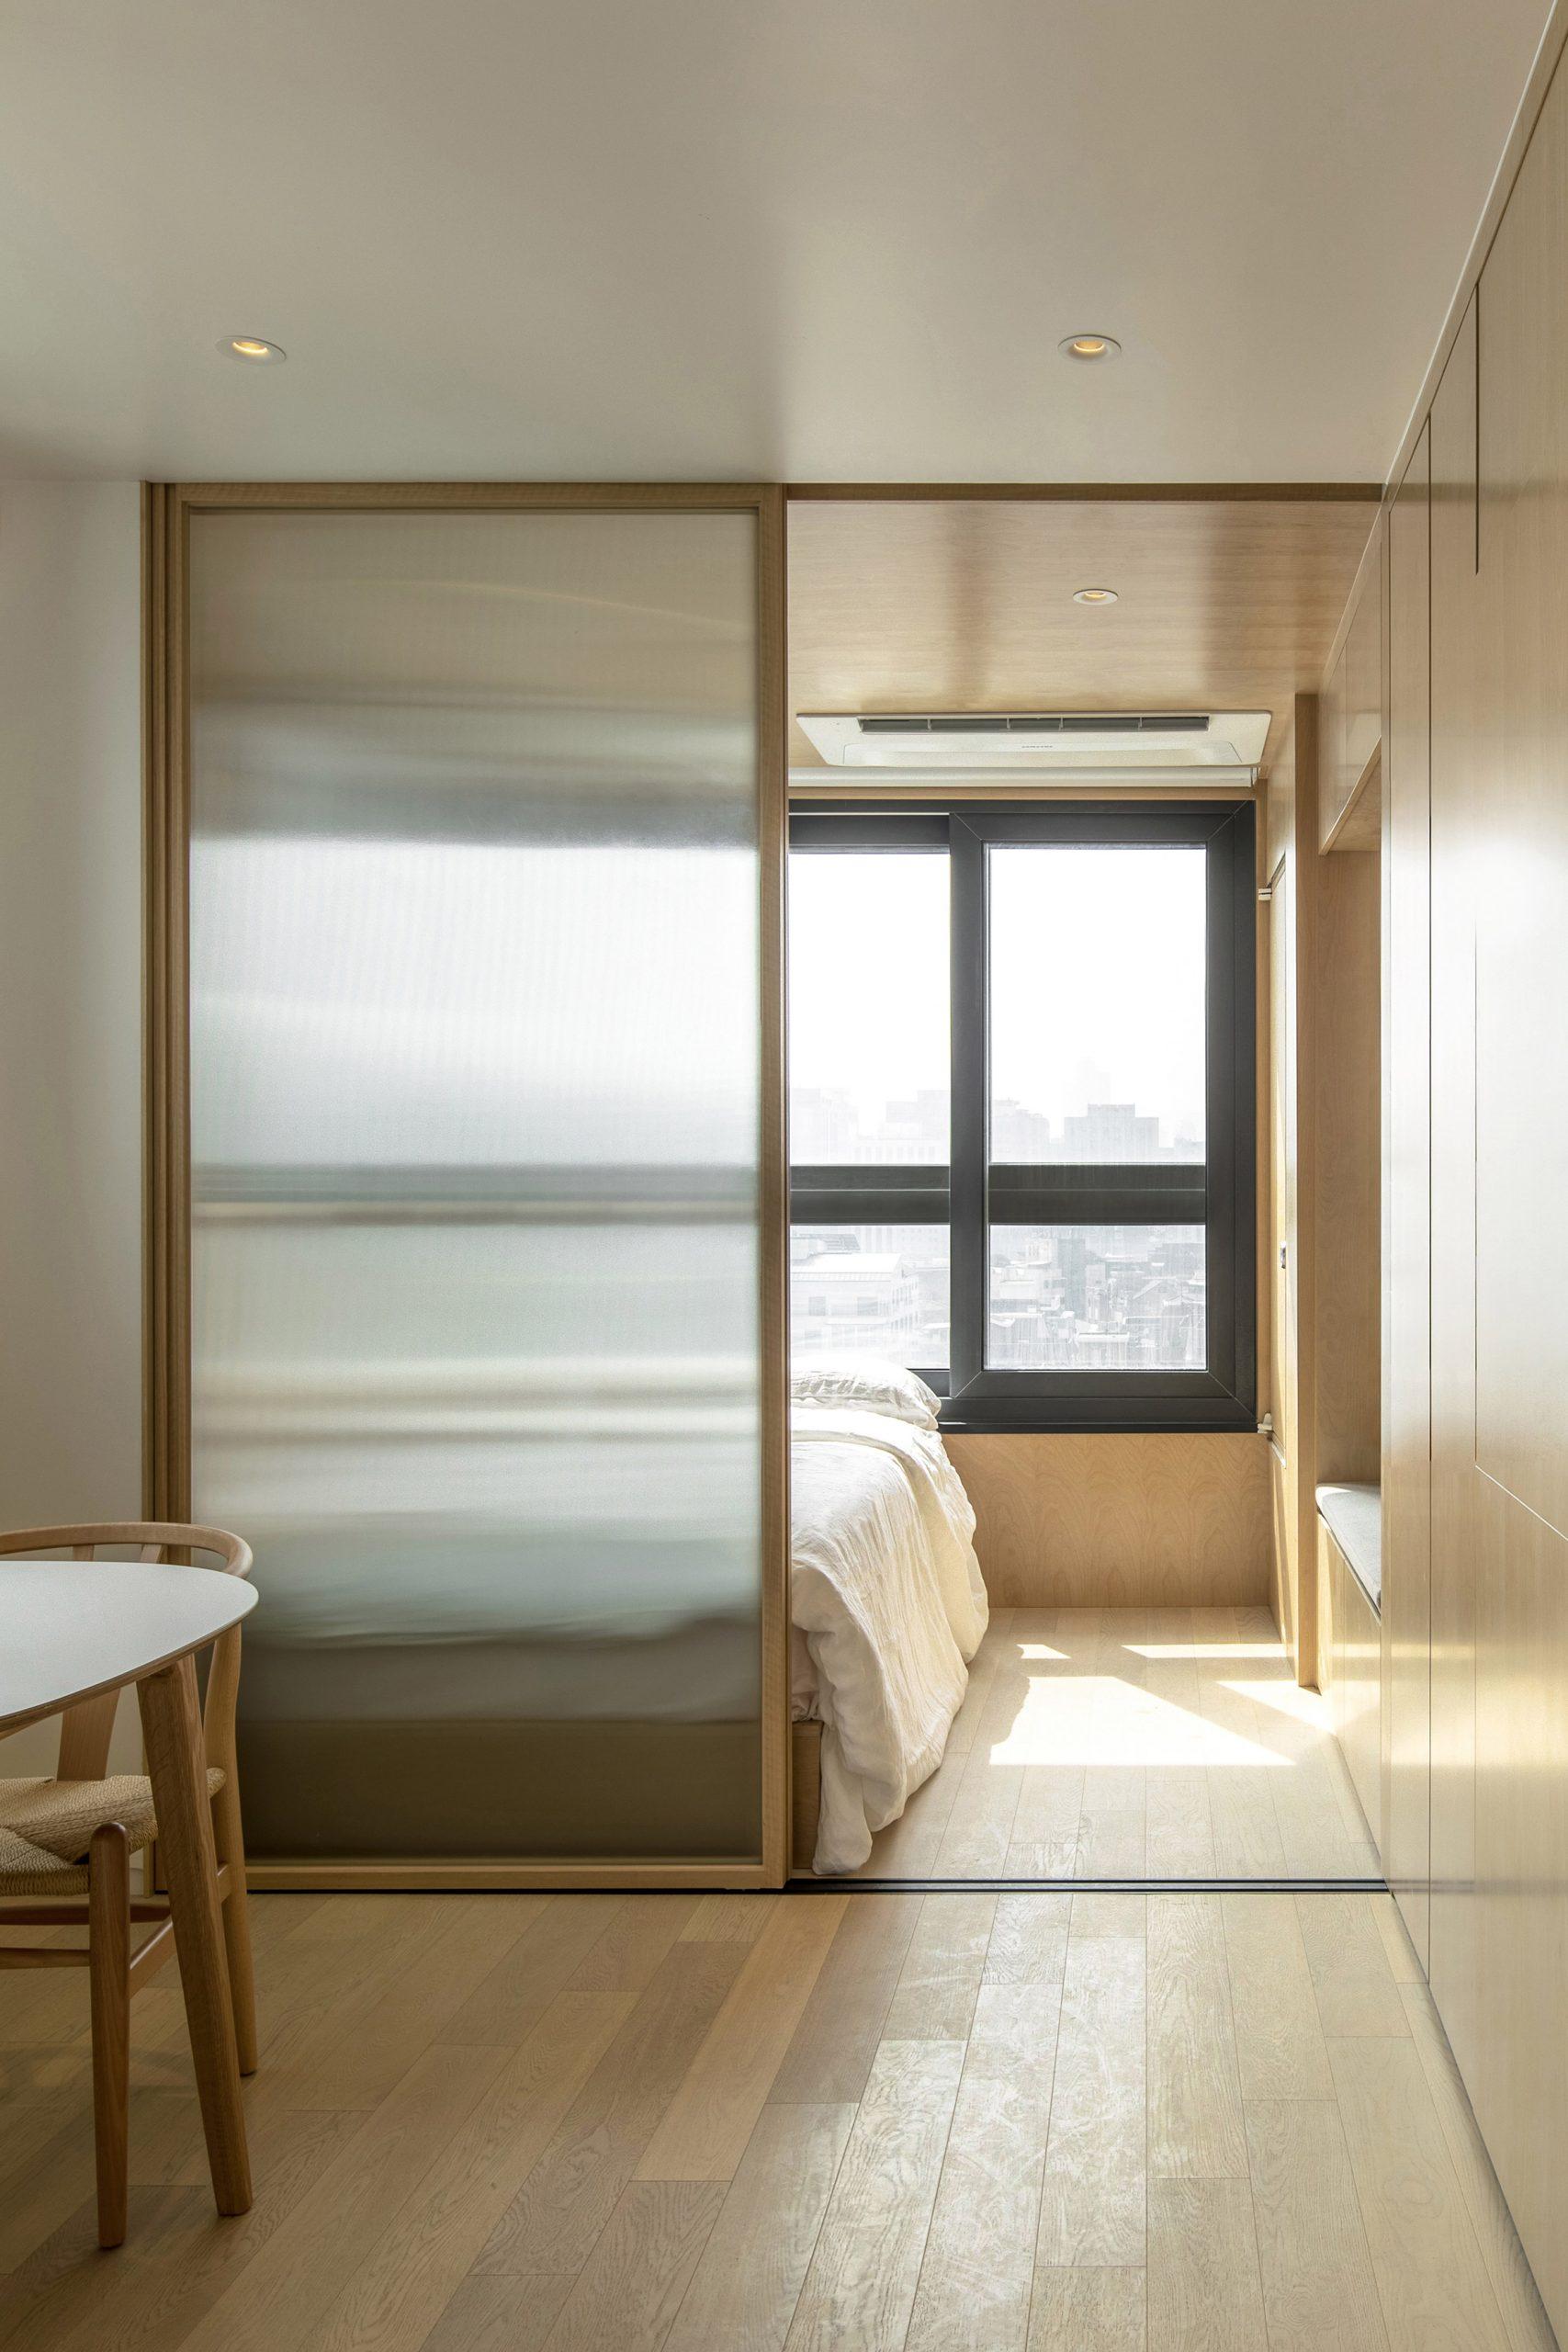 Wood-clad bedroom with interior window